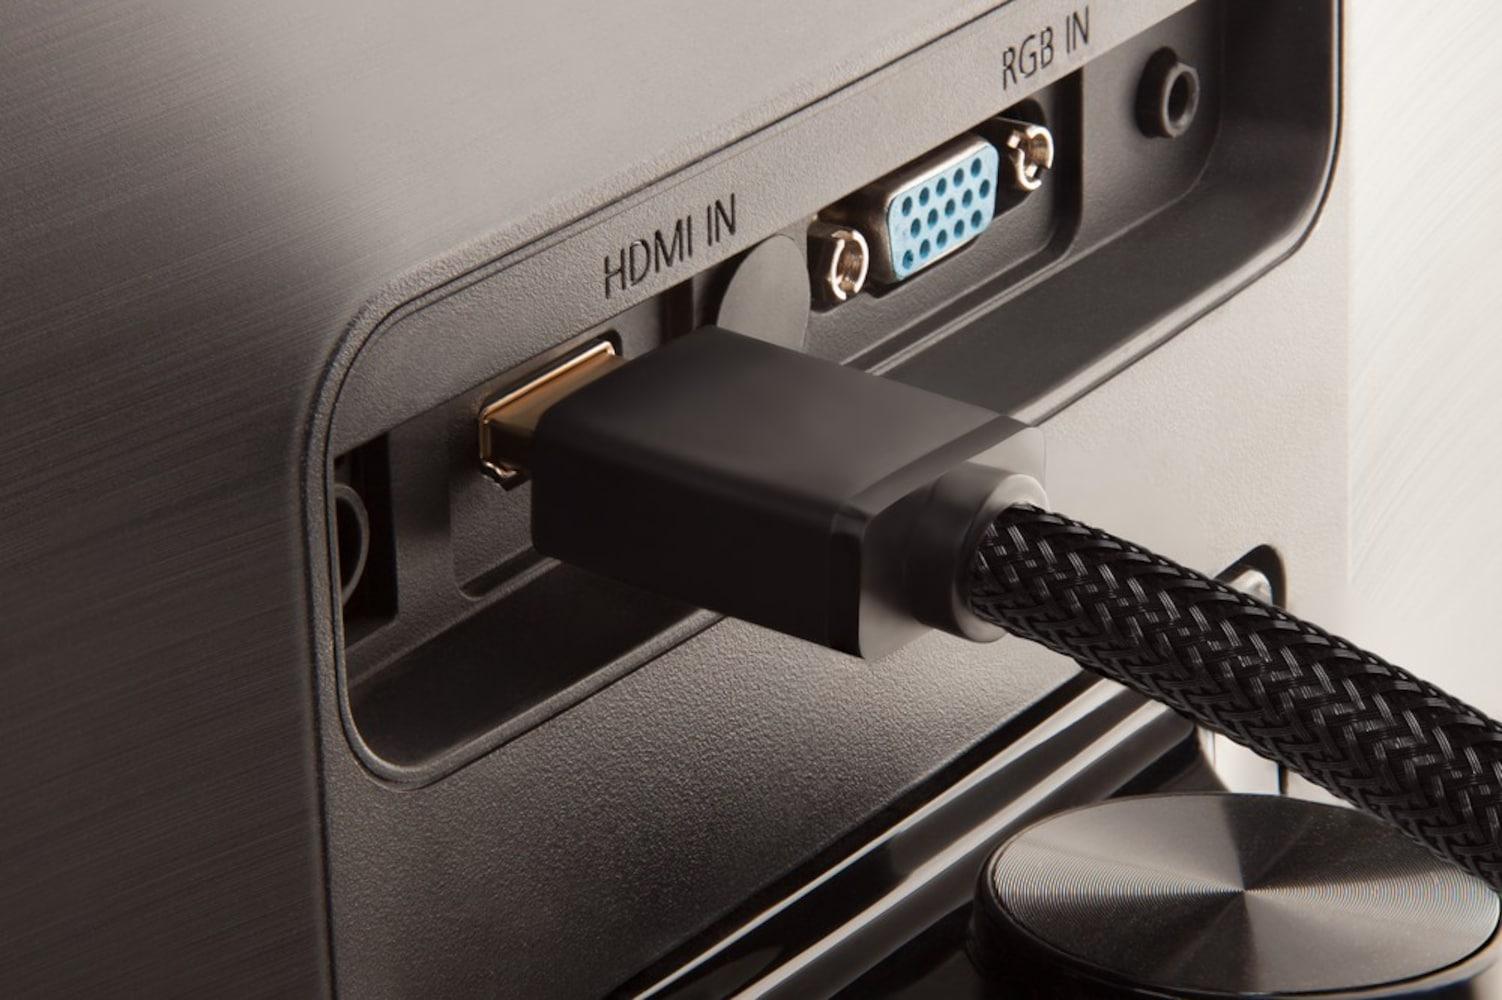 外部出力端子 ゲーム機やレコーダーを使用するときに必須な「HDMI」